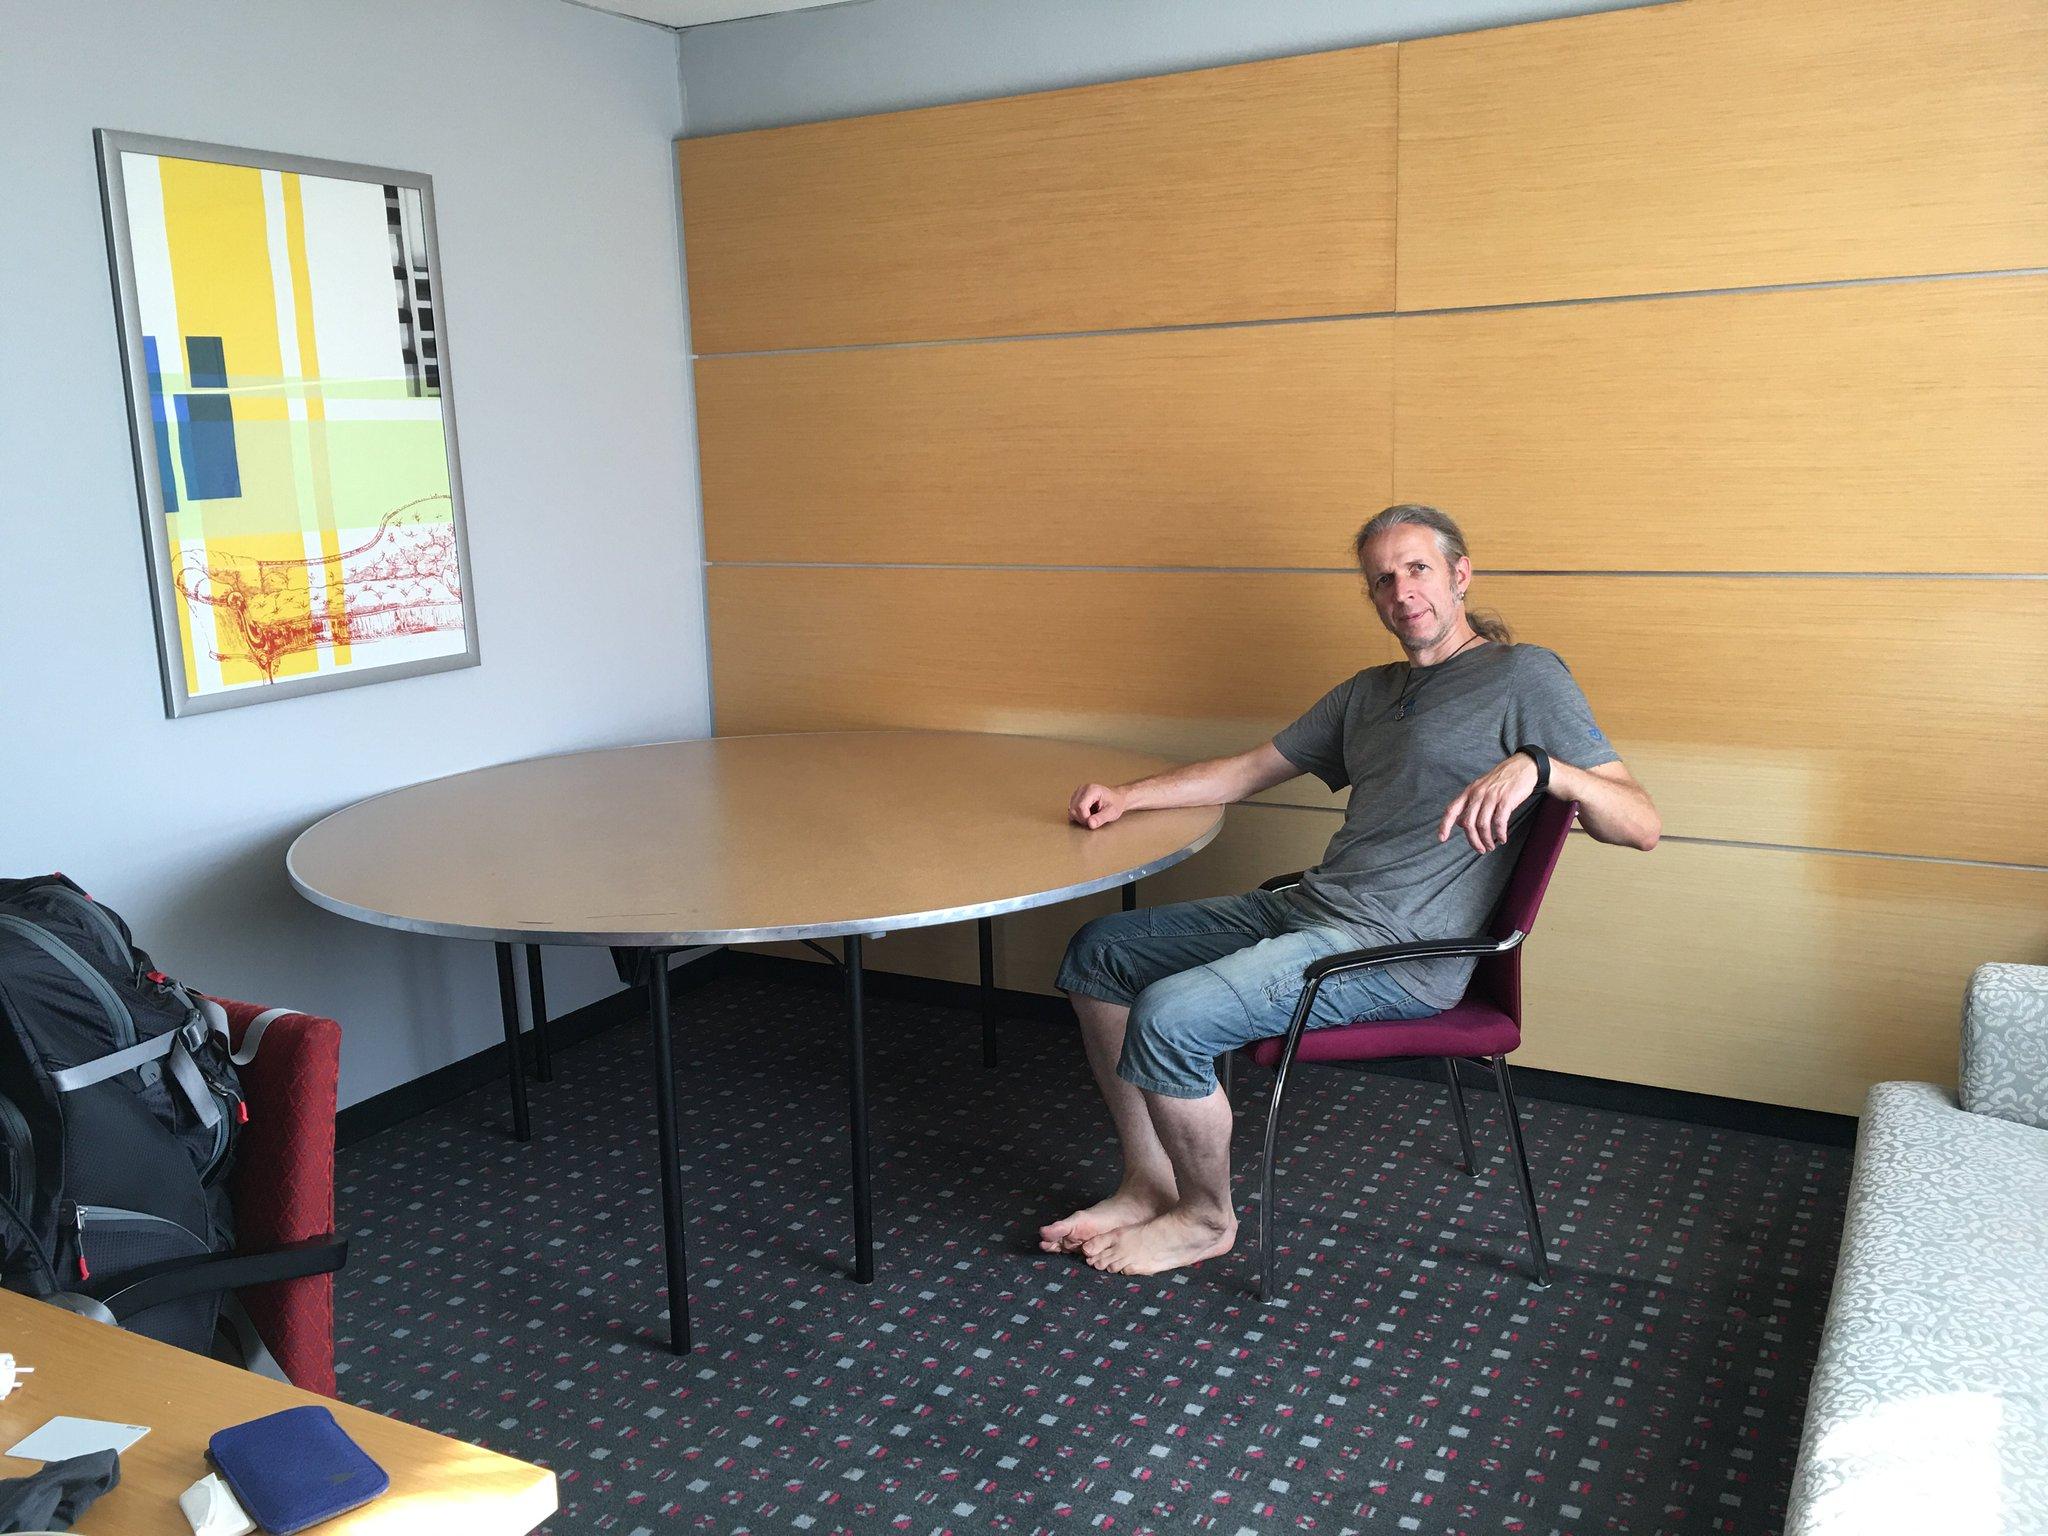 Dafür mussten wir das Zimmer auch gleich leer räumen für einen Bankettisch. Gibt keinen anderen #meurers #ruhrwalz https://t.co/bSzoN2Ccuw